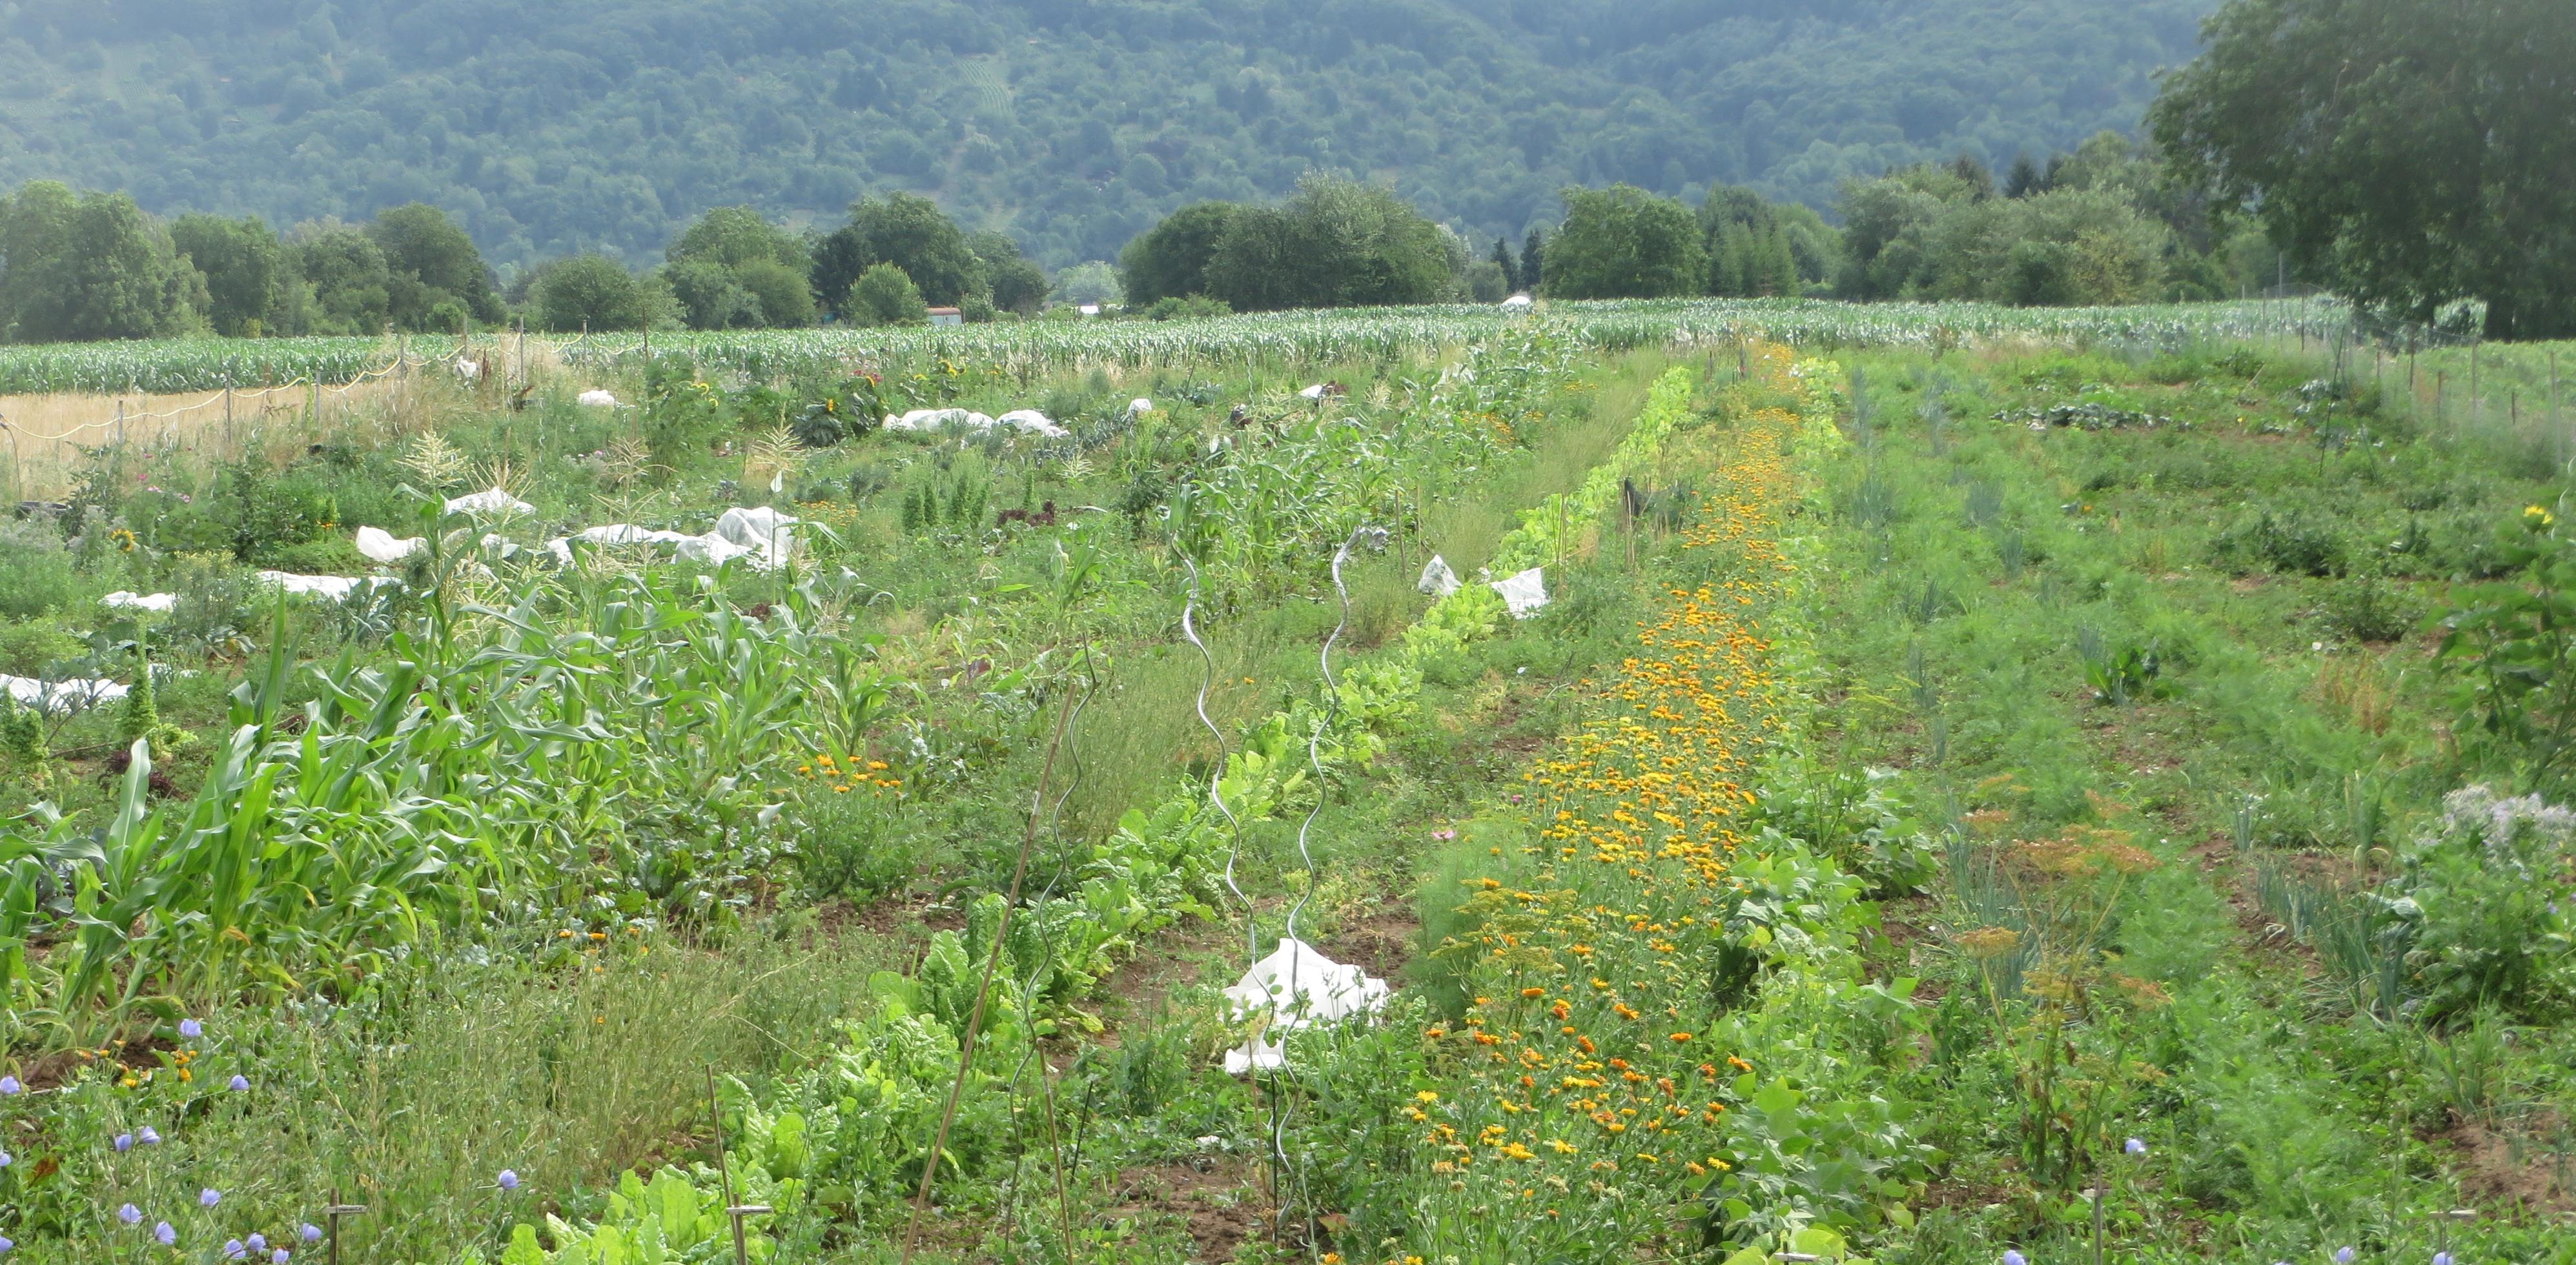 Auf der zwei Hektar großen Grundfläche erstrecken sich 50 Gemüsegärten. Bild: Michael Abschlag